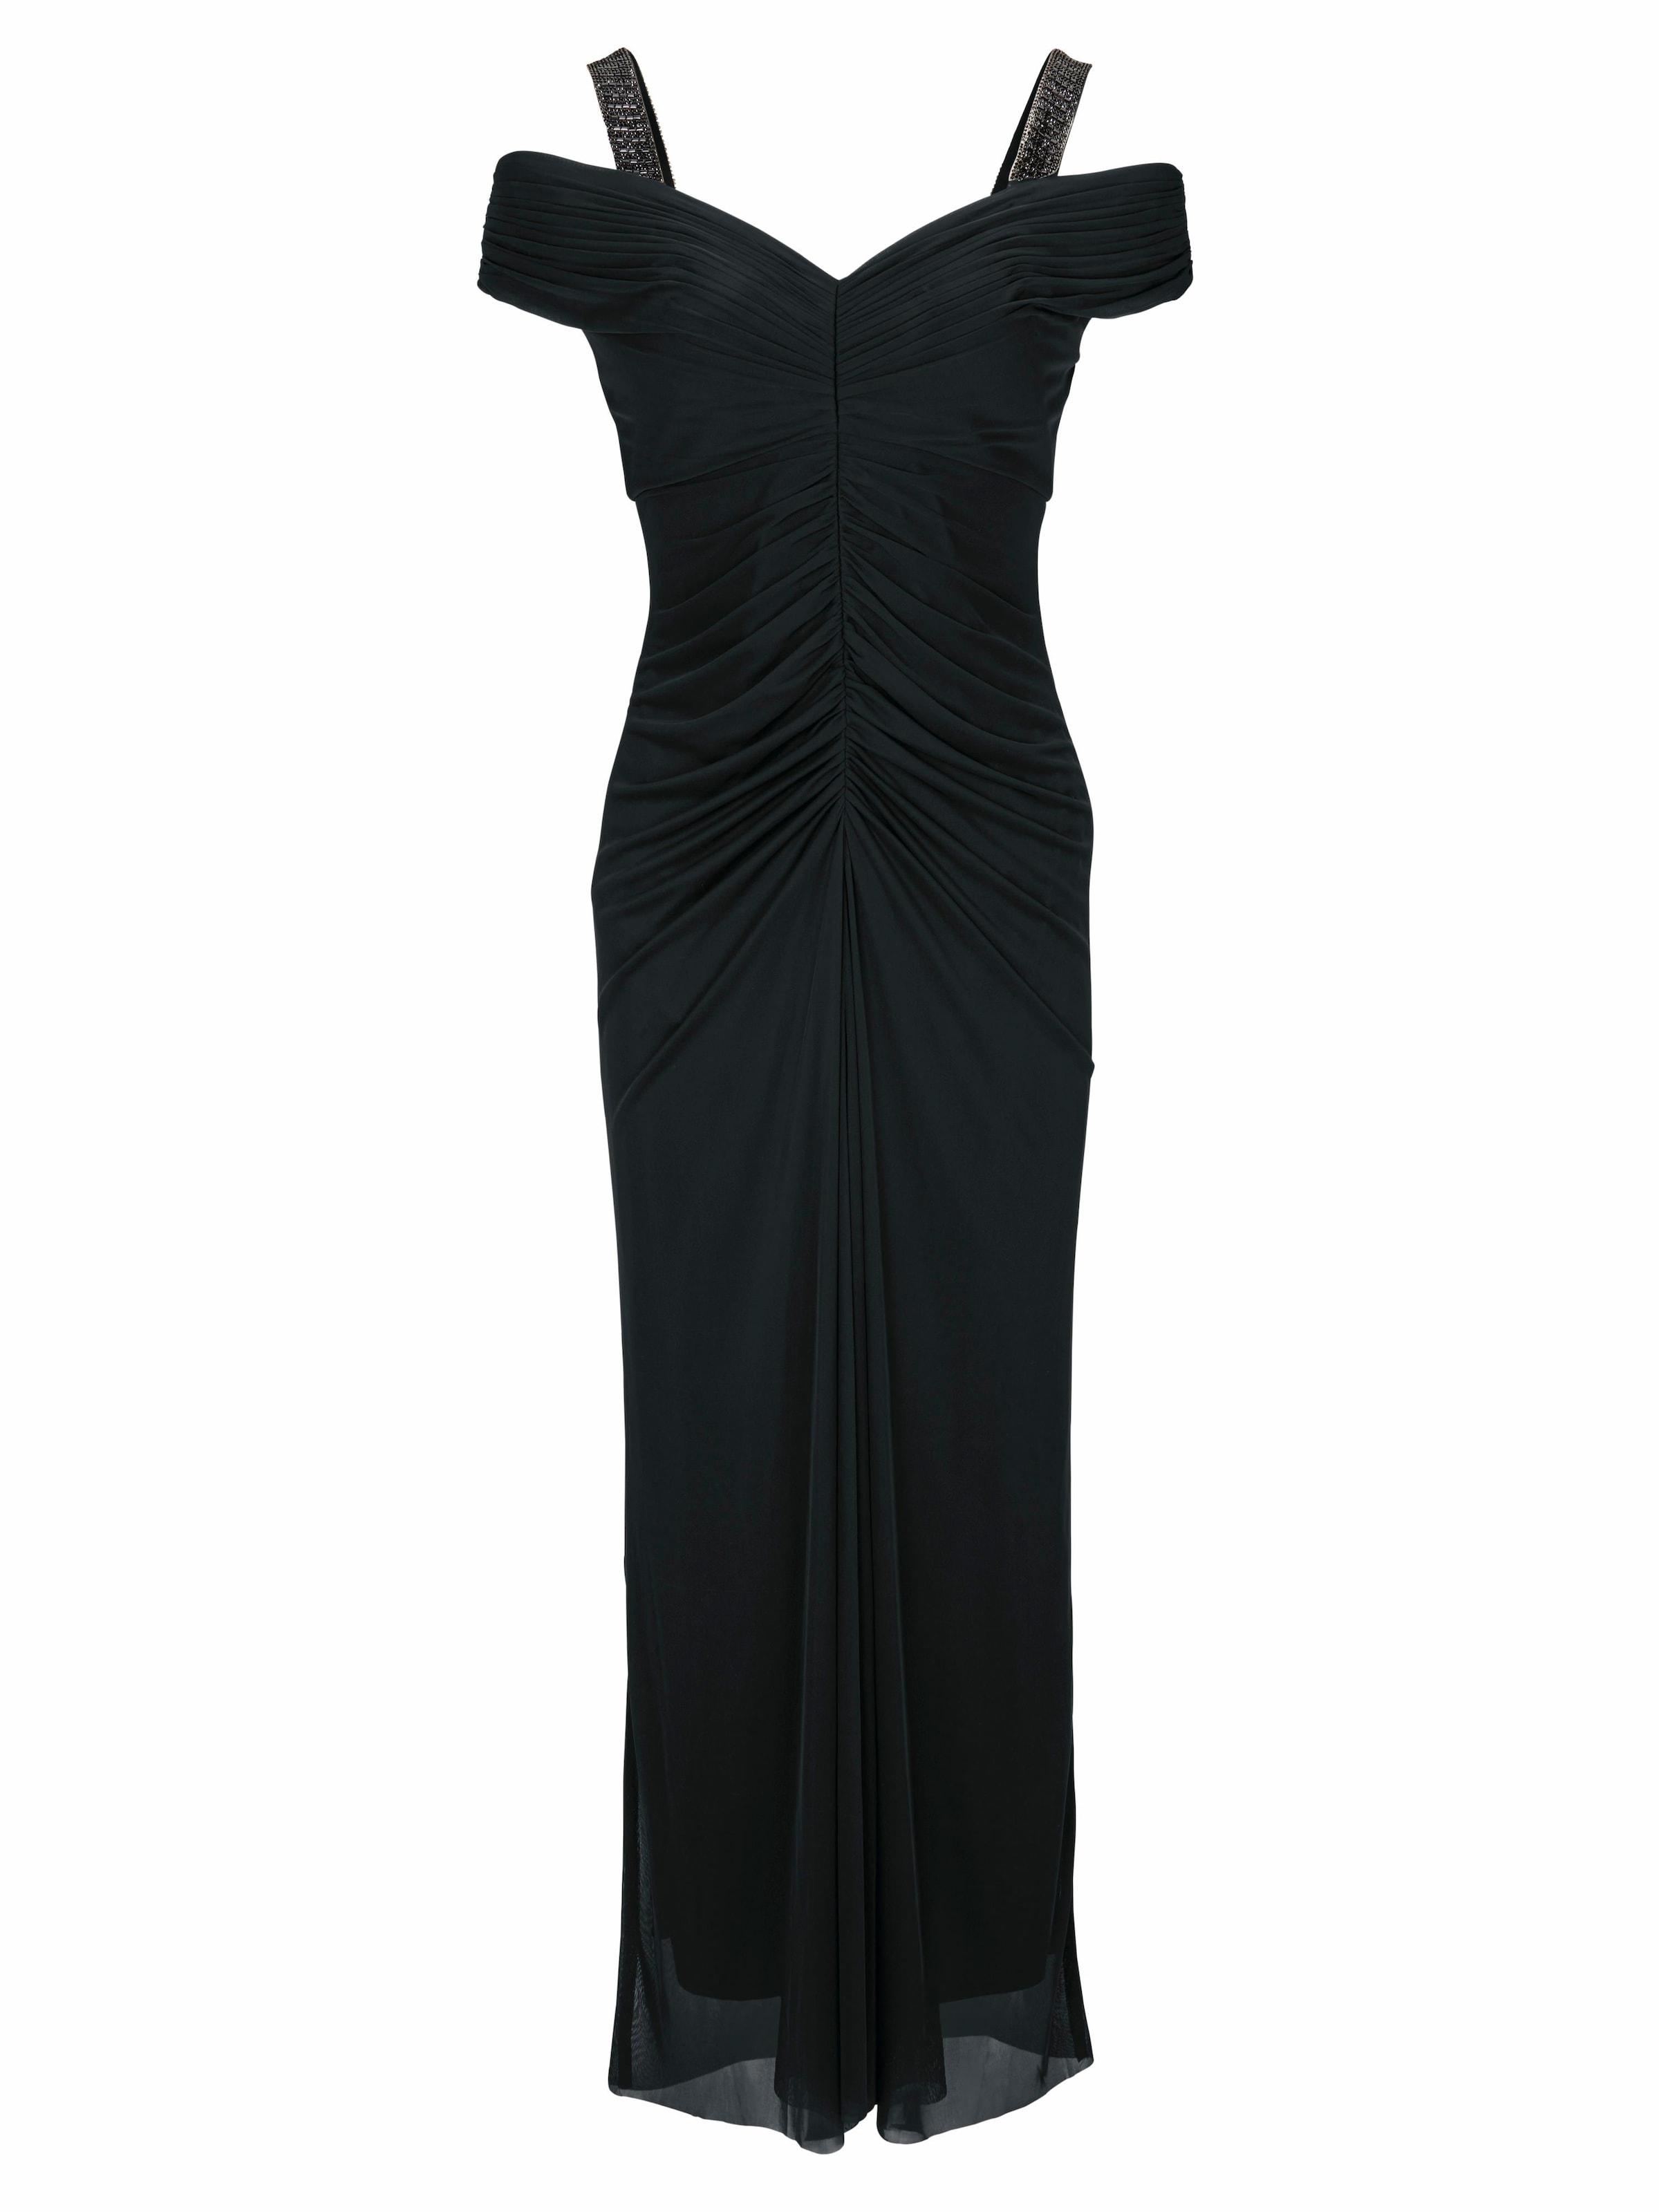 Günstiger Online-Shop Online-Verkauf Ashley Brooke by heine Abendkleid Carmenausschnitt Werksverkauf Auslass Niedriger Versand FVN77W